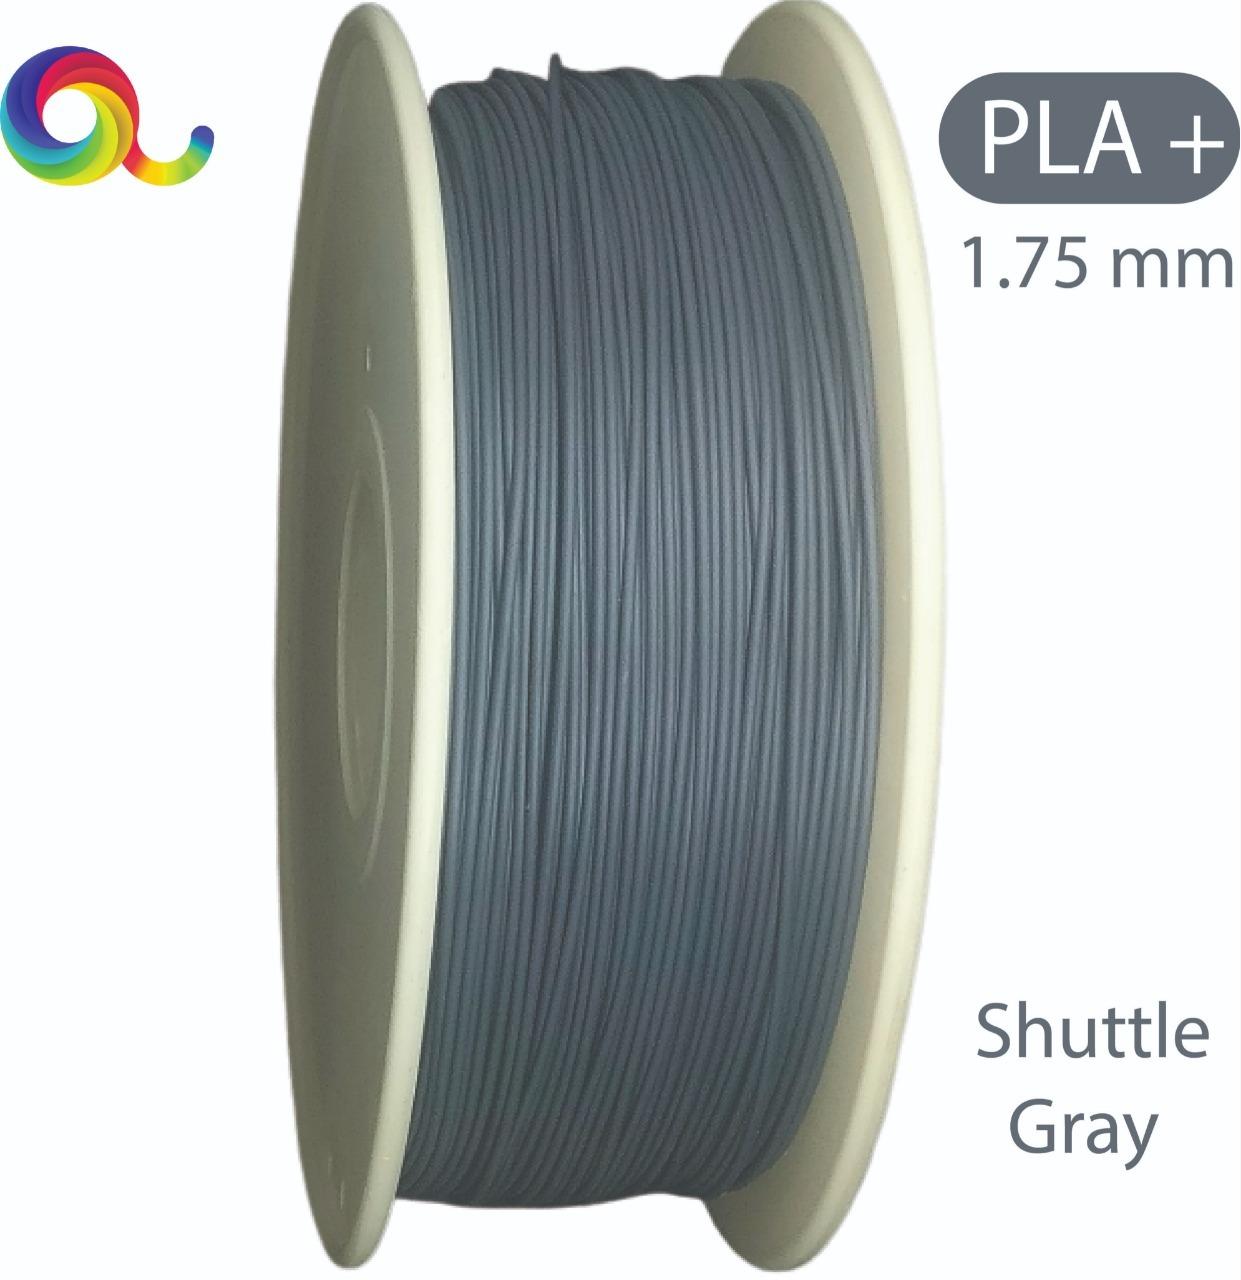 PLA PREMIUM 3D printing filaments